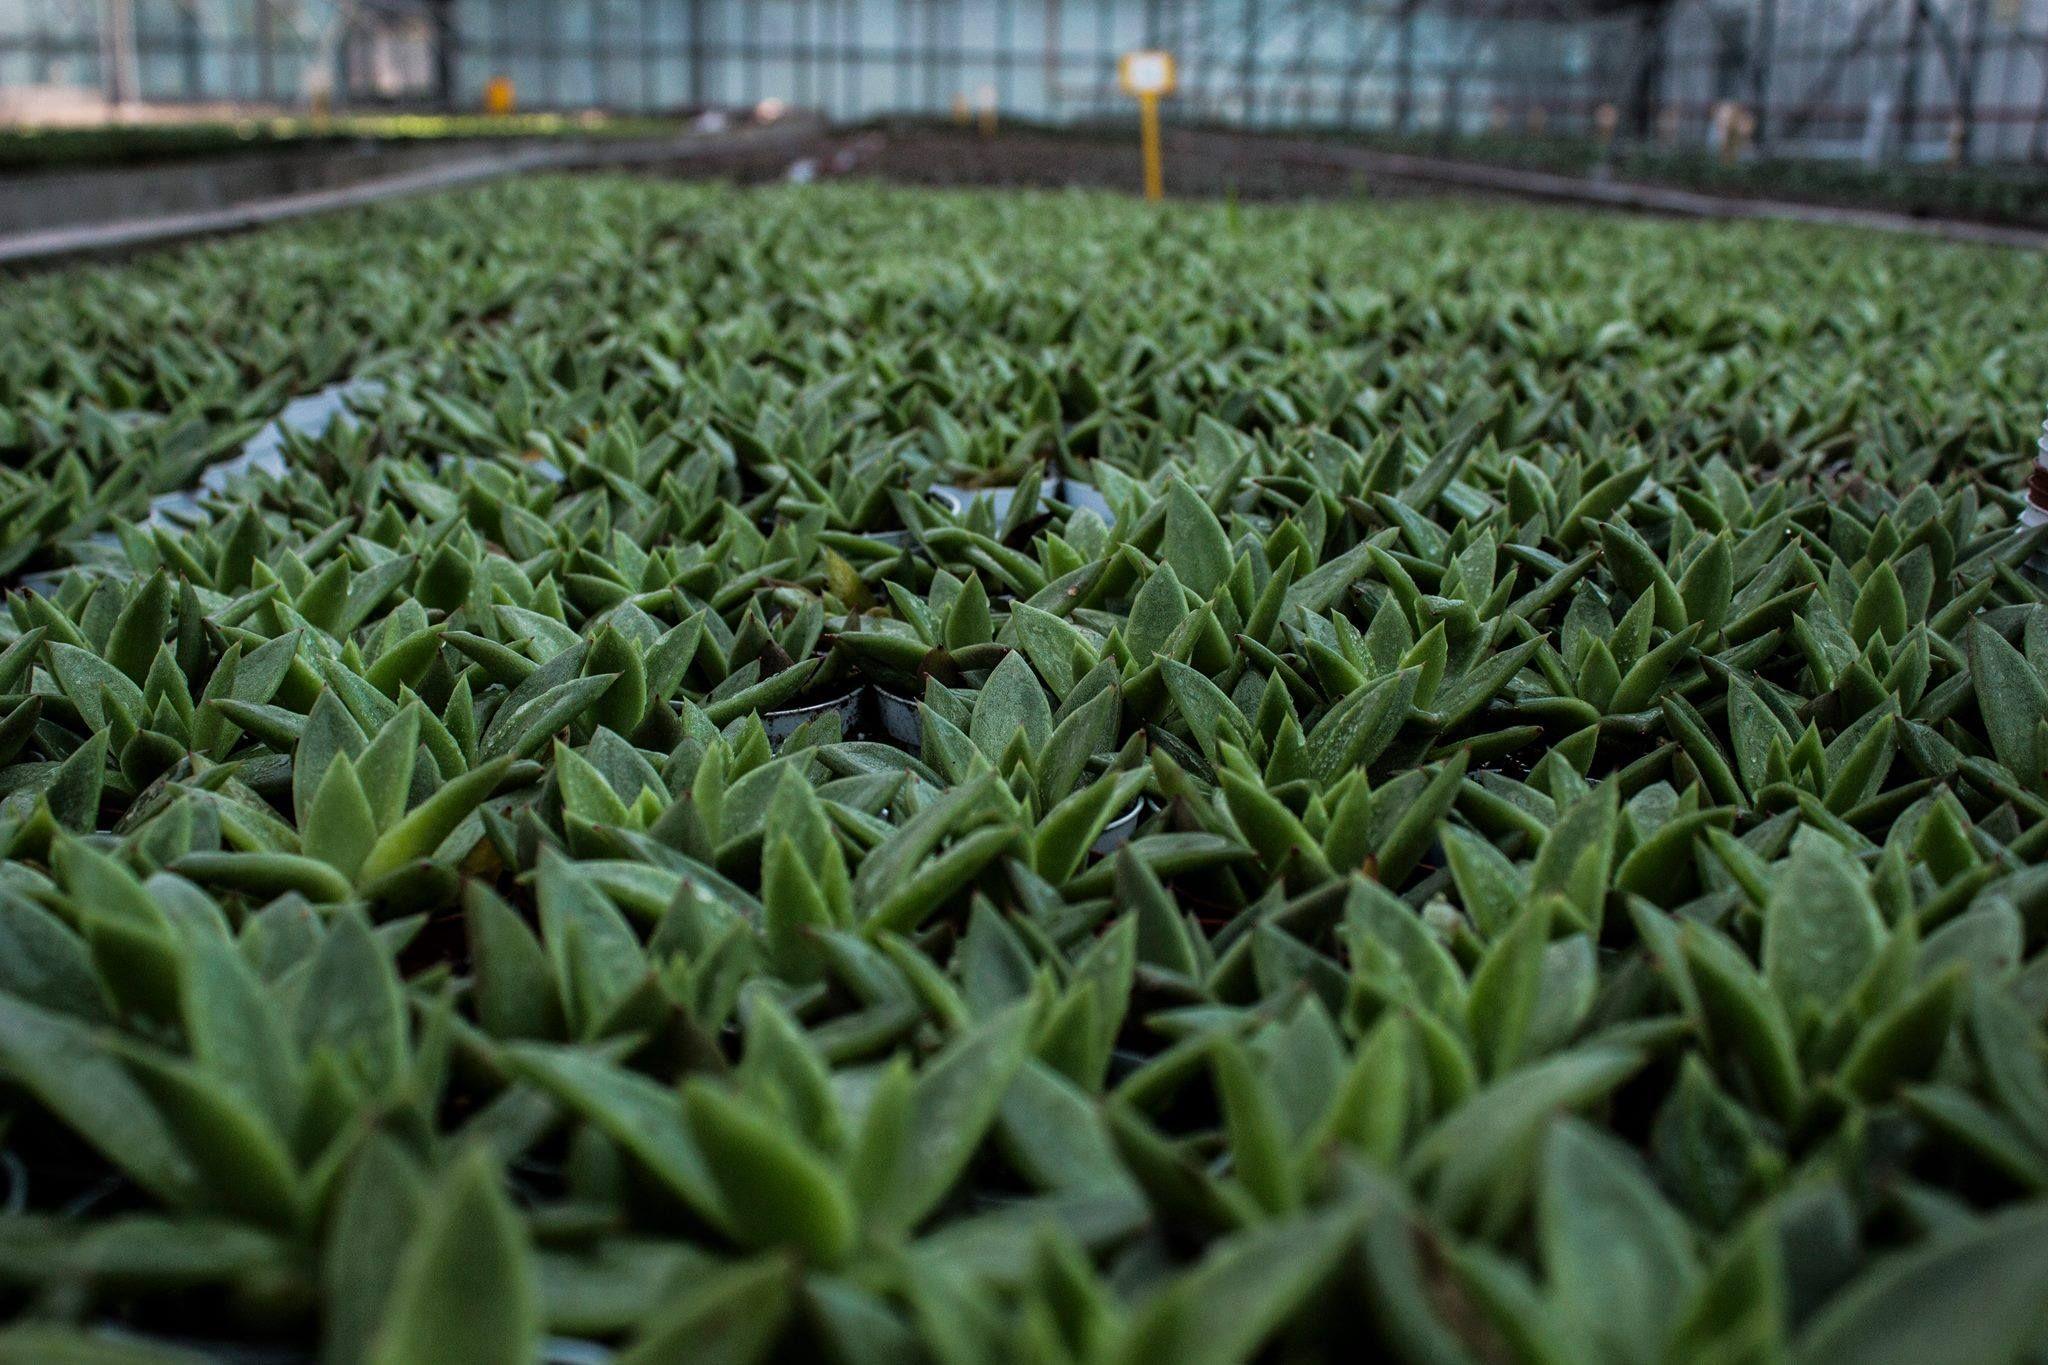 Piante ornamentali distribuzione e vendita di piante verdi for Vendita piante ornamentali